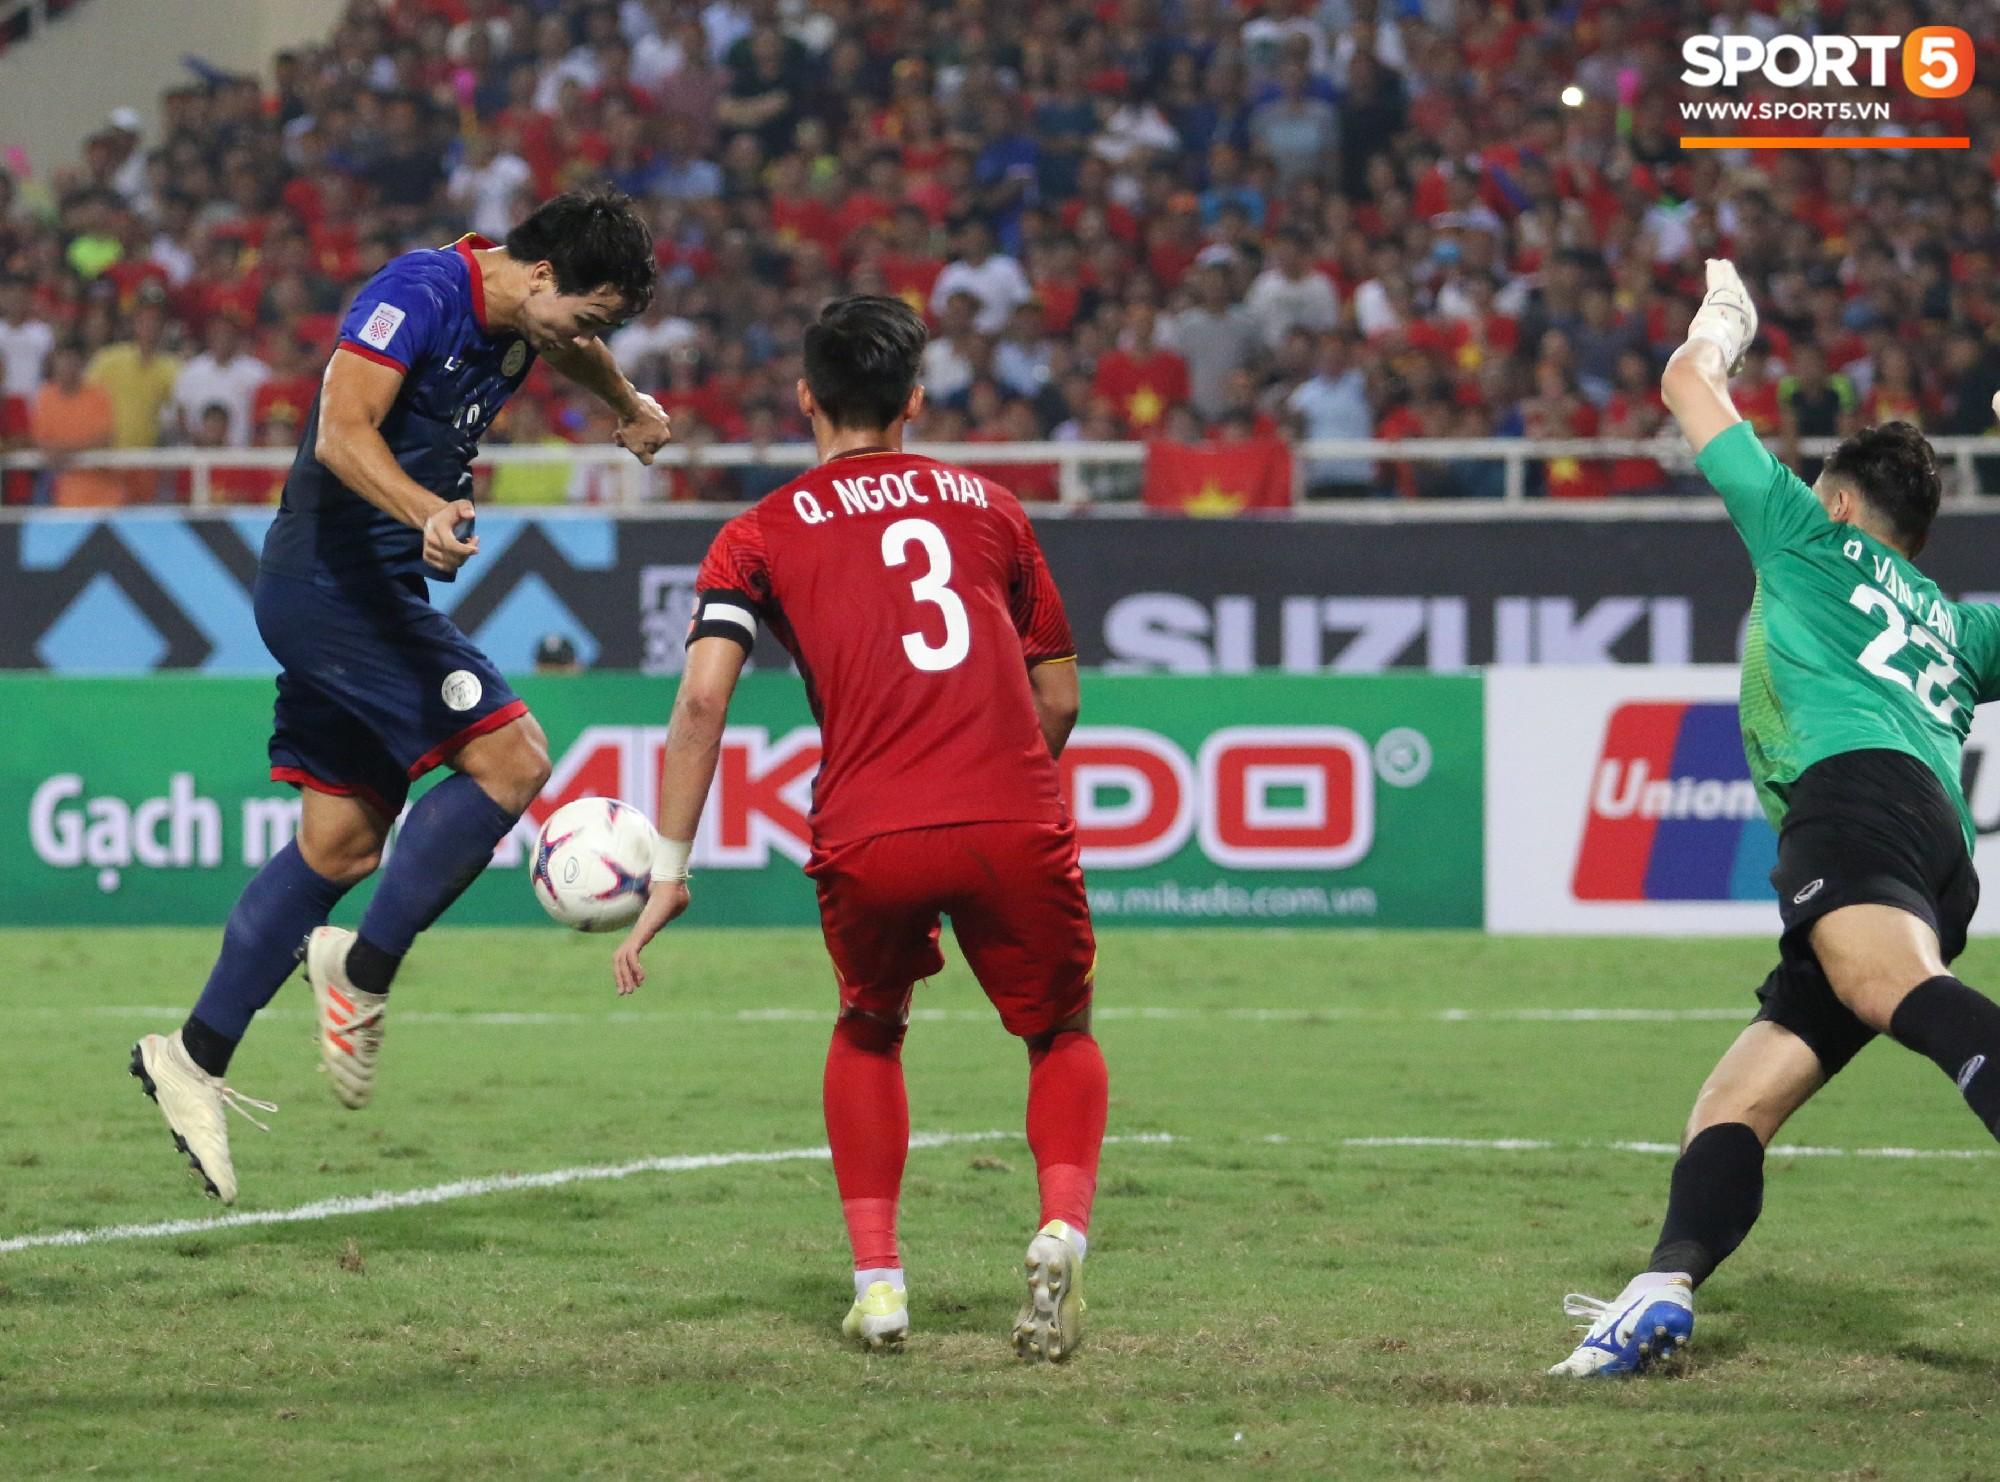 Tuyển Philippines bình thản đón nhận thất bại sau khi bị loại khỏi AFF Cup 2018 - Ảnh 10.